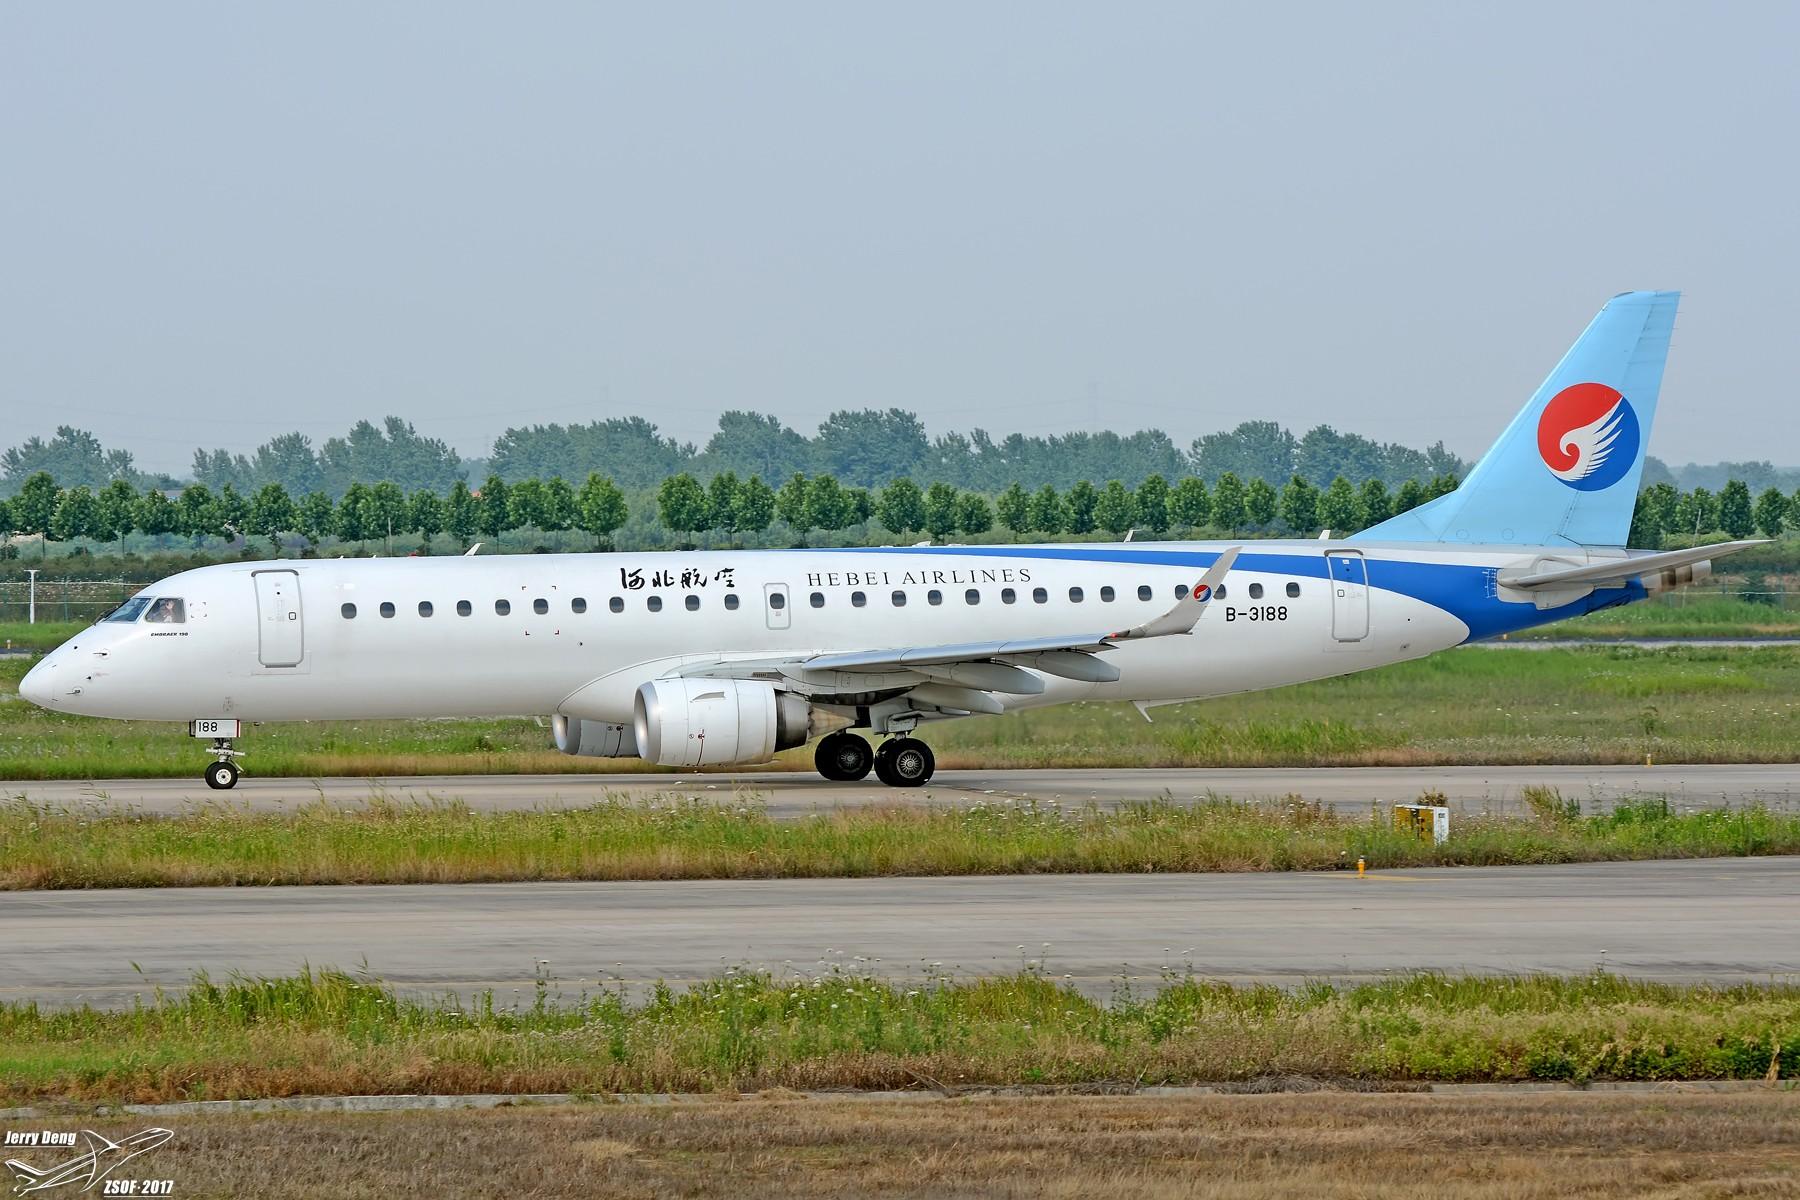 Re:[原创]【多图党】HFE常规货第一次拍到机长挥手 EMBRAER E-190 B-3188 中国合肥新桥国际机场